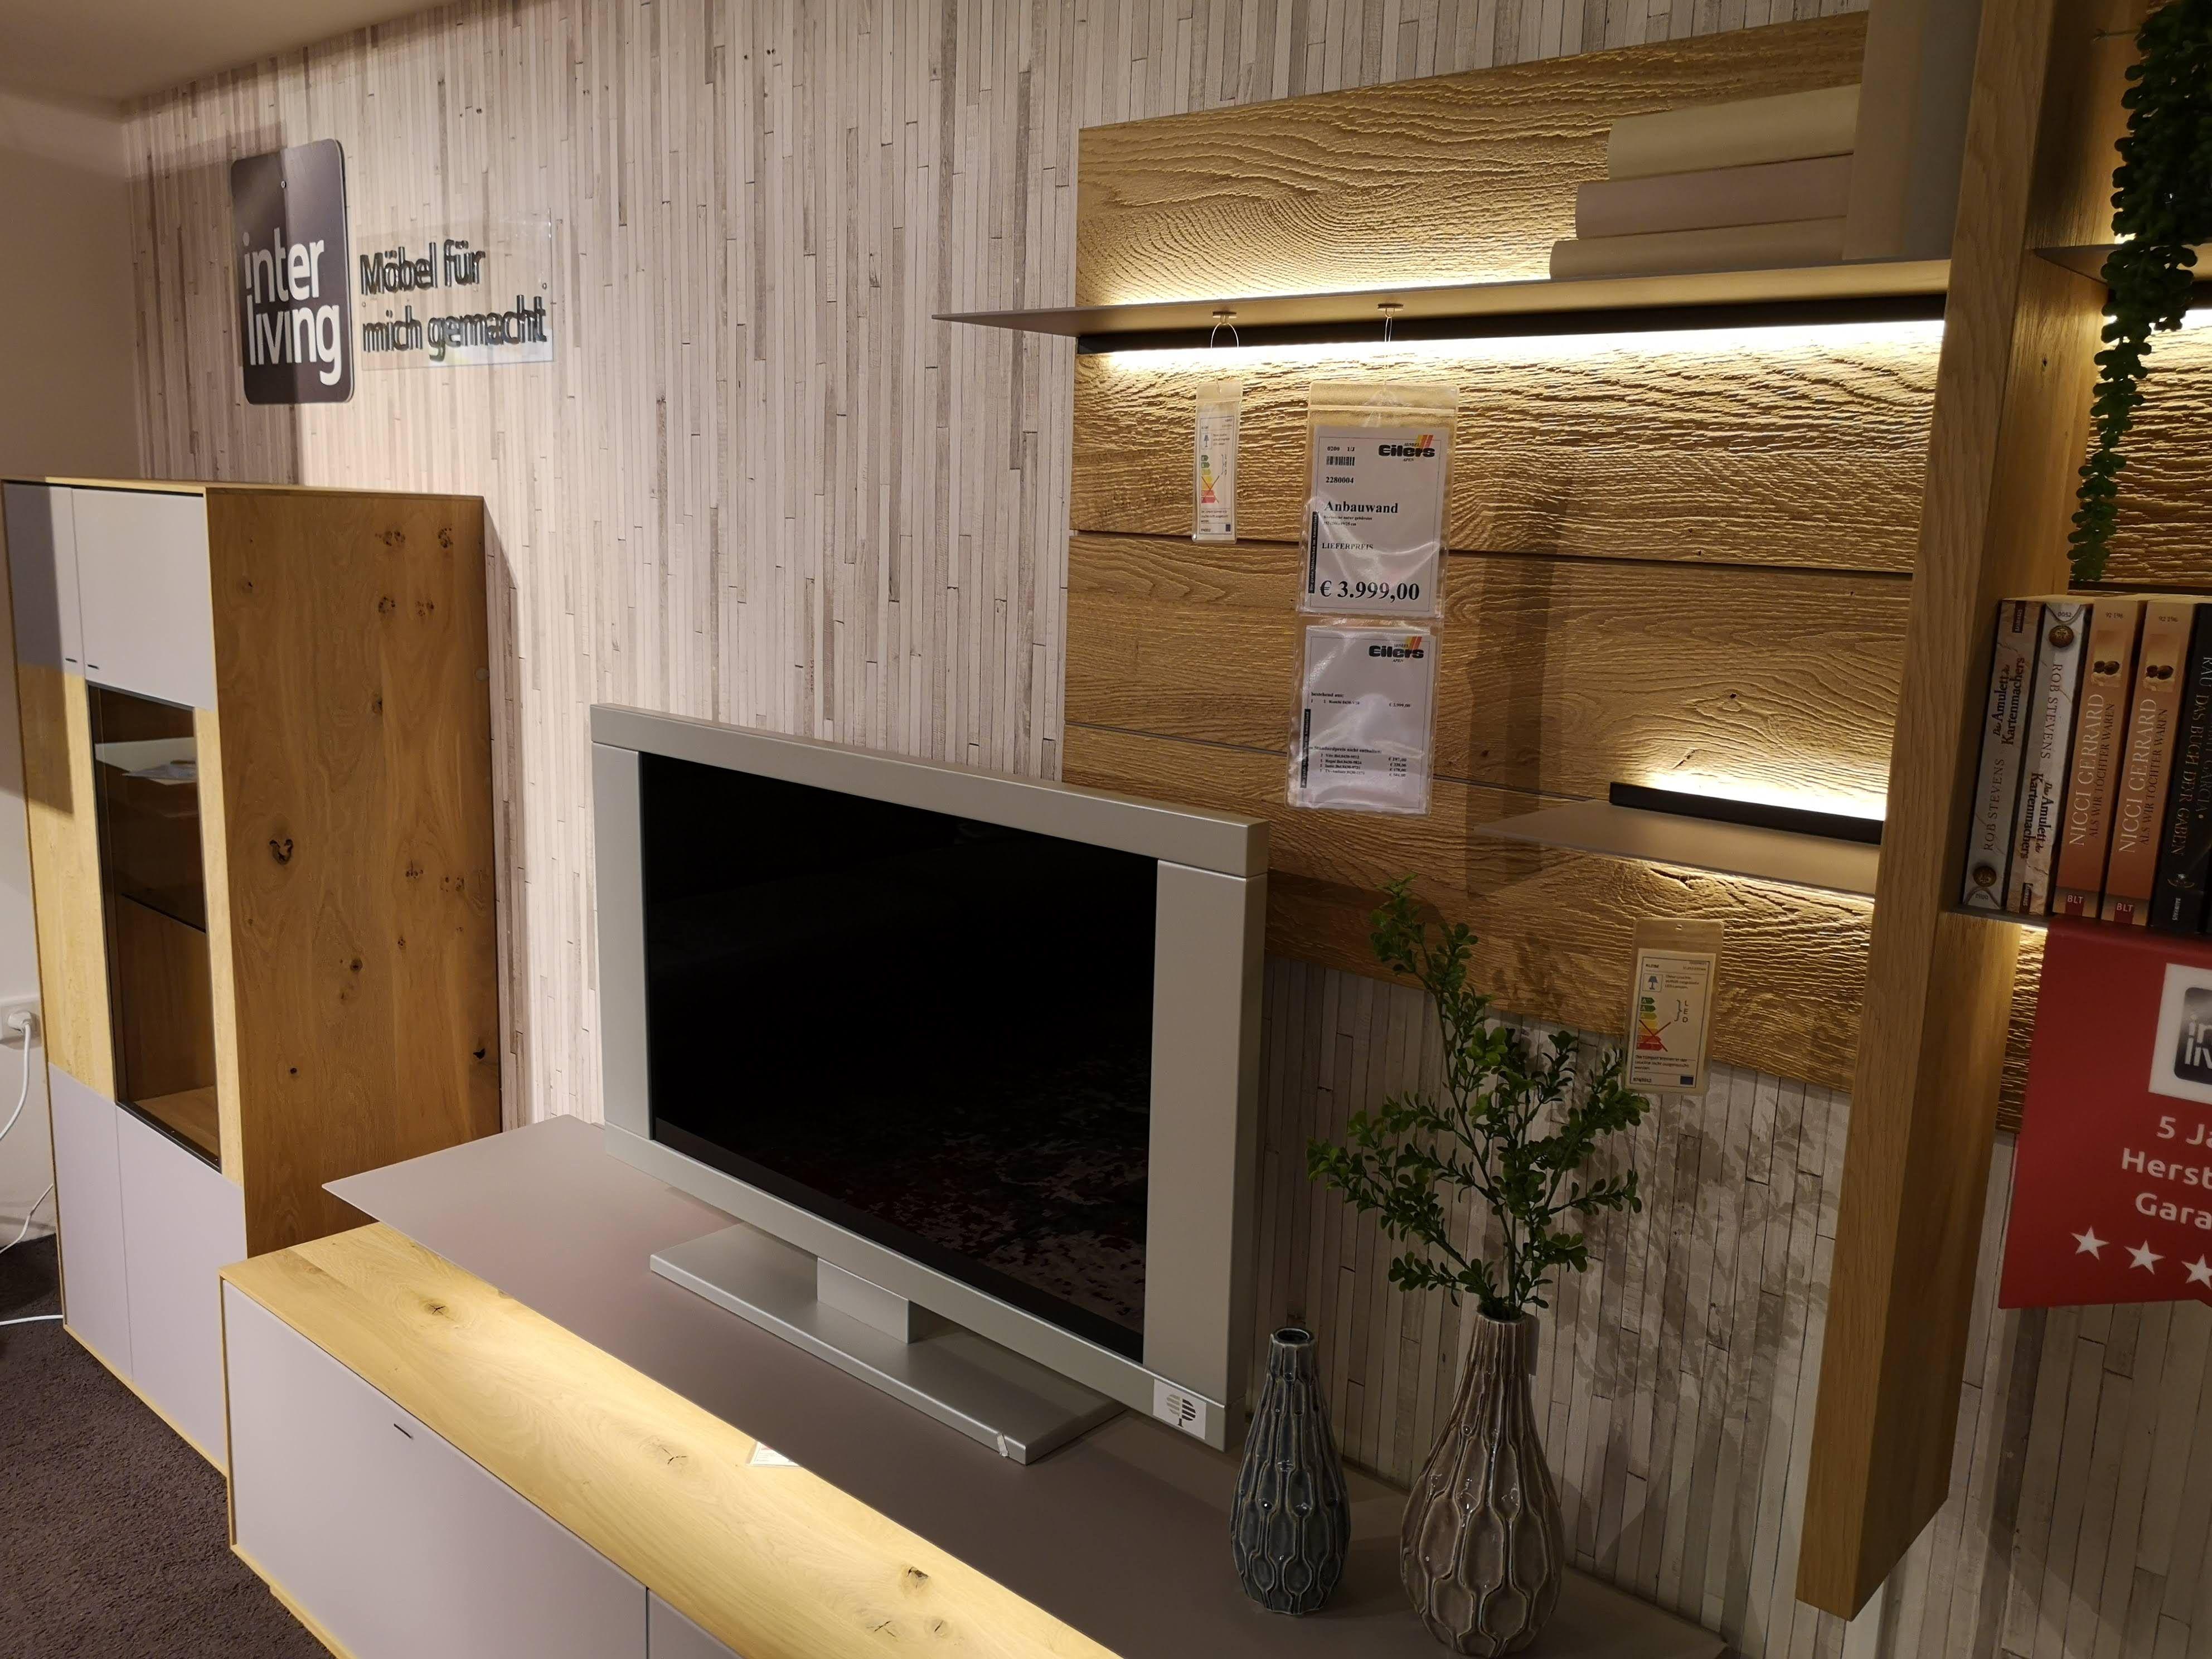 die interliving wohnzimmer serie 2001 bringt mit der kombination von hochwertigem kerneiche massivholz und naturgrauem